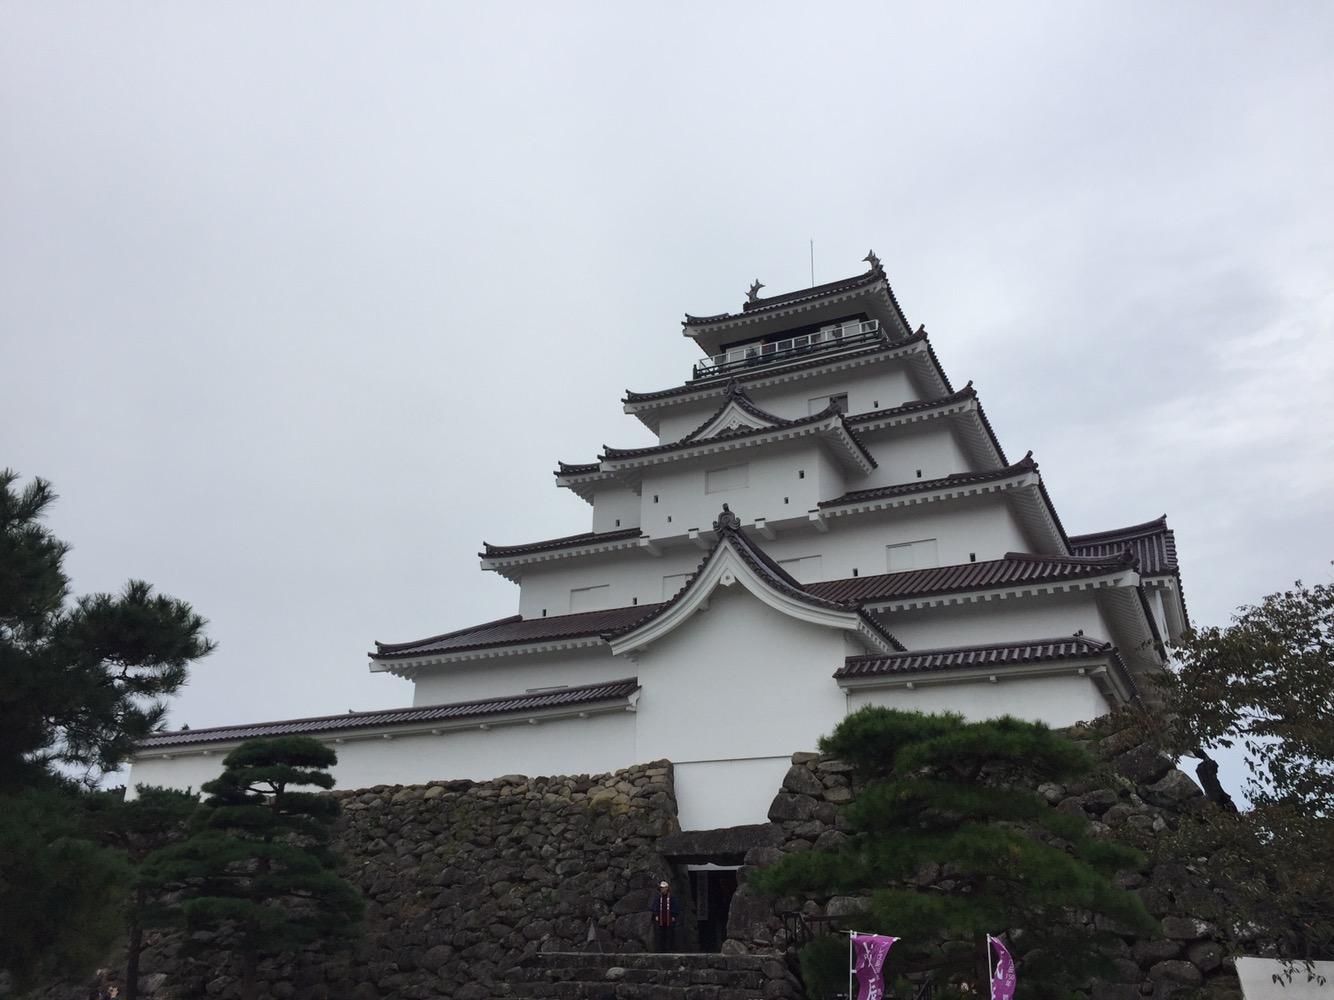 会津探訪のたび[前編] 白虎隊に想いを馳せて、飯盛山と鶴ヶ城